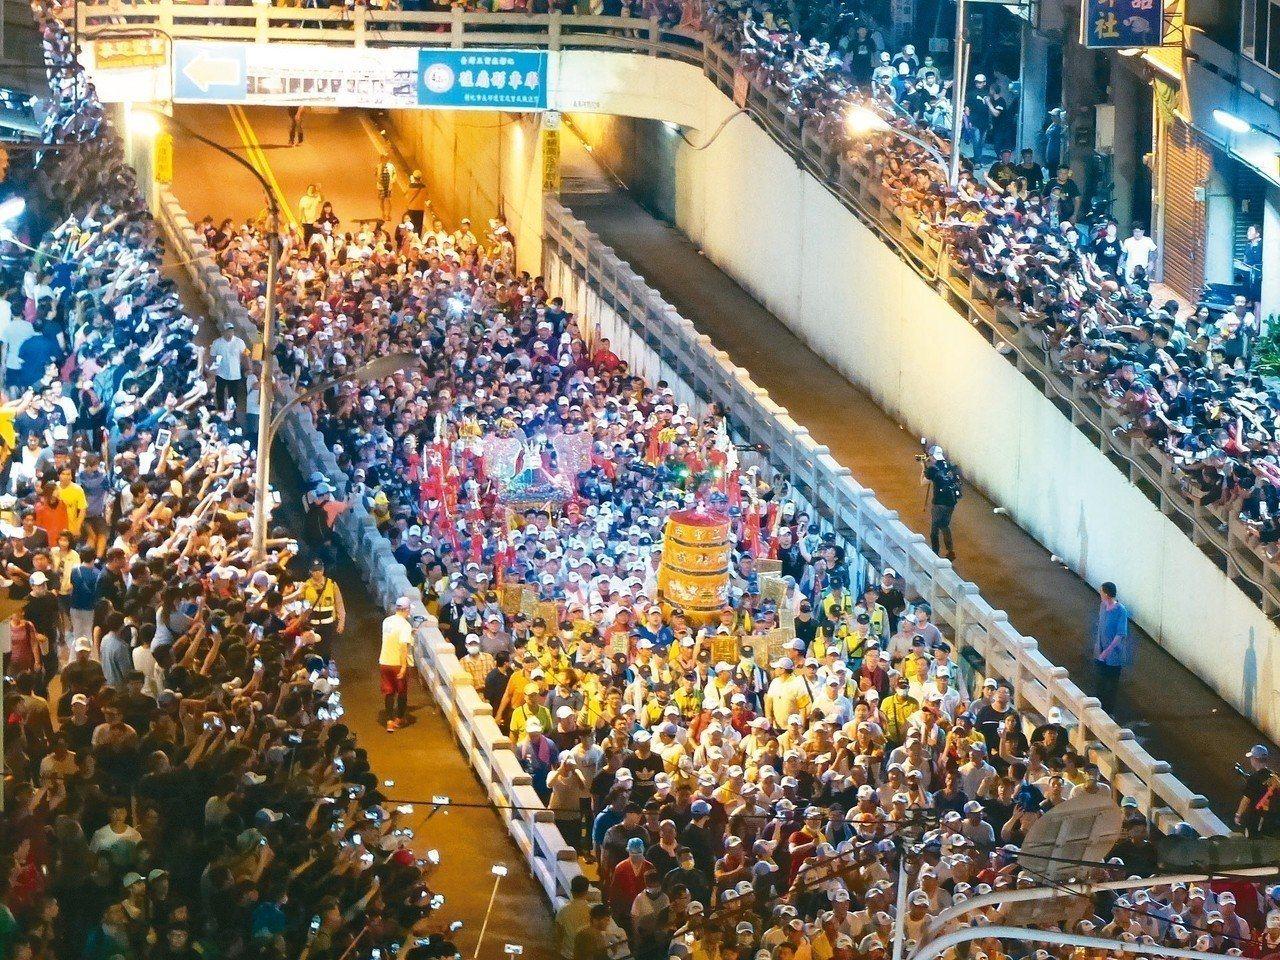 大甲媽祖遶境活動明晚起駕,有台灣地表最大遷移活動之稱。本報資料照片